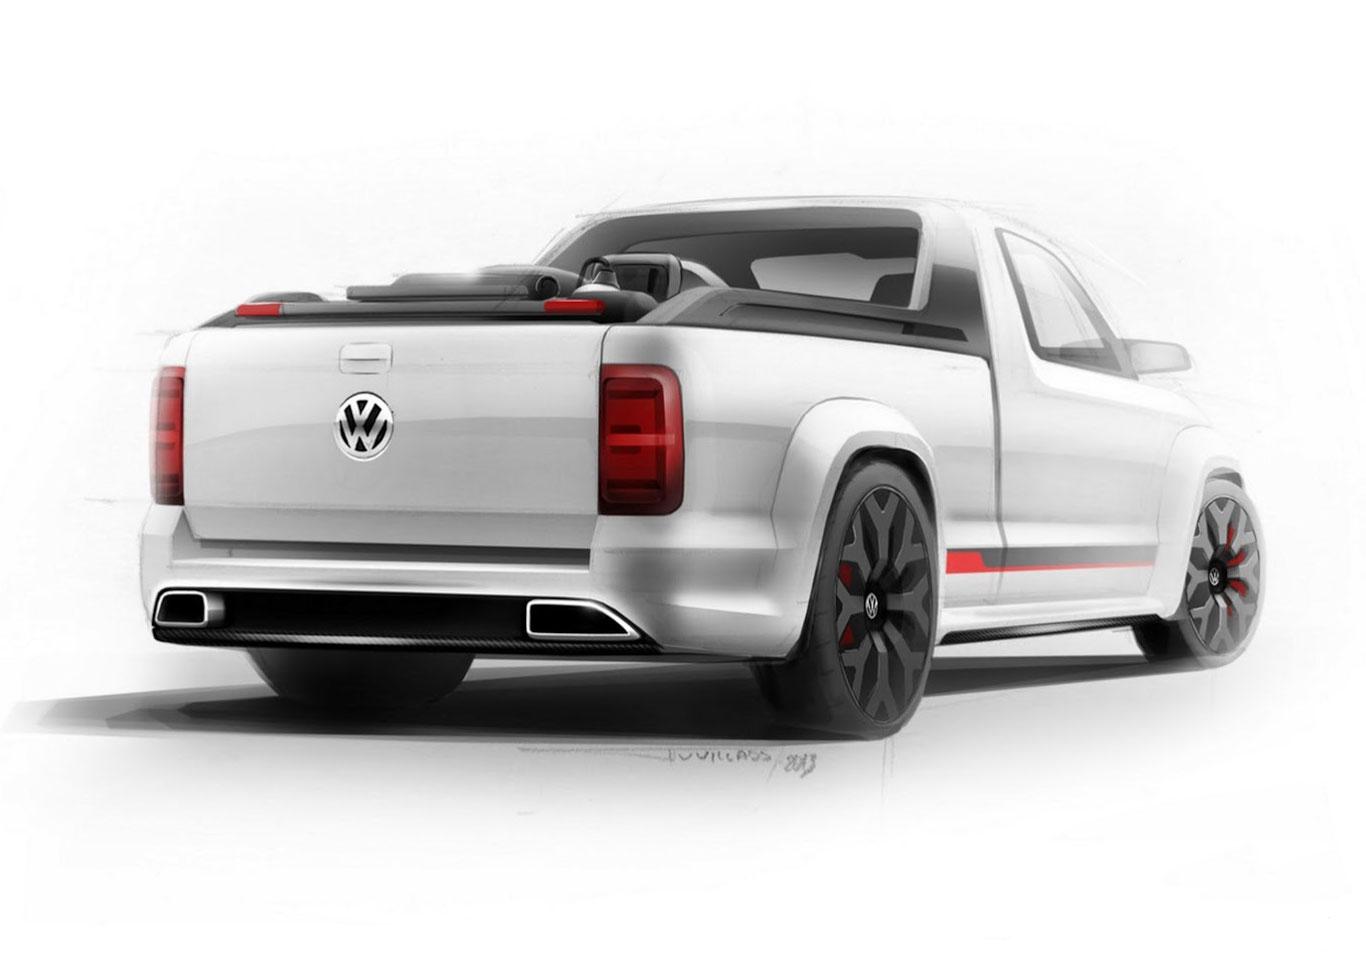 2013 volkswagen amarok power pickup concepts. Black Bedroom Furniture Sets. Home Design Ideas